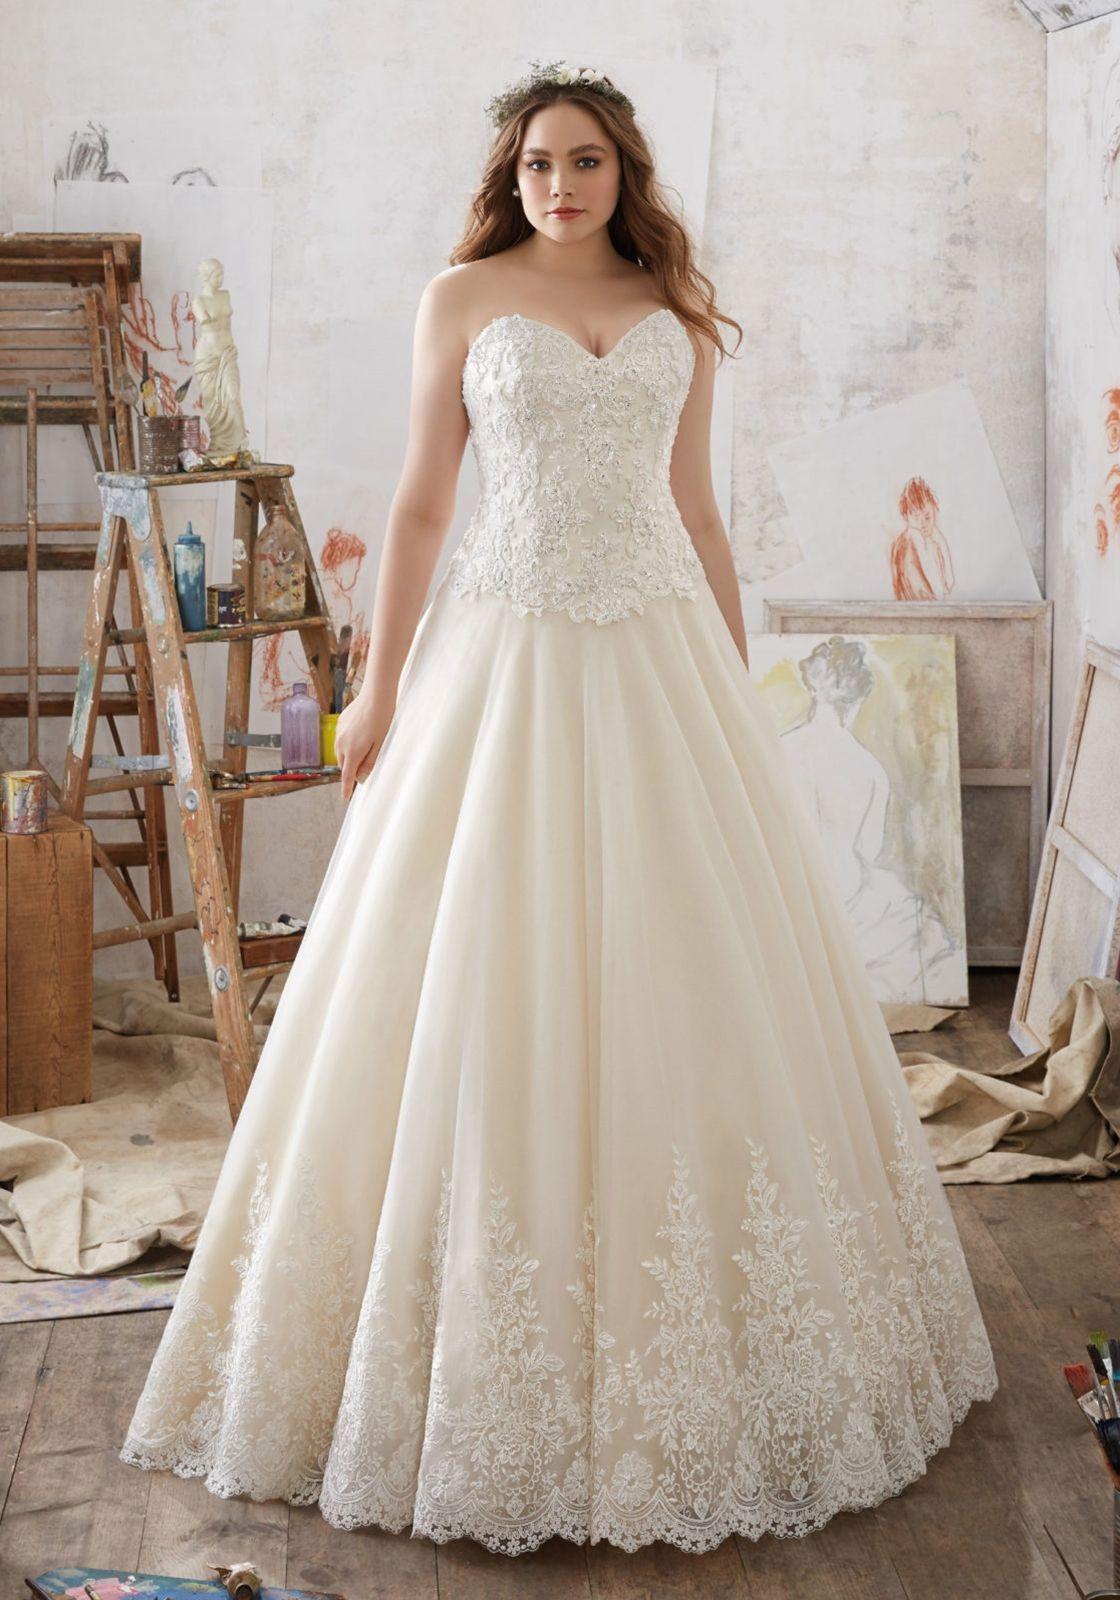 Mori Lee Wedding Dresses Near Me Pemerintah Kota Ambon